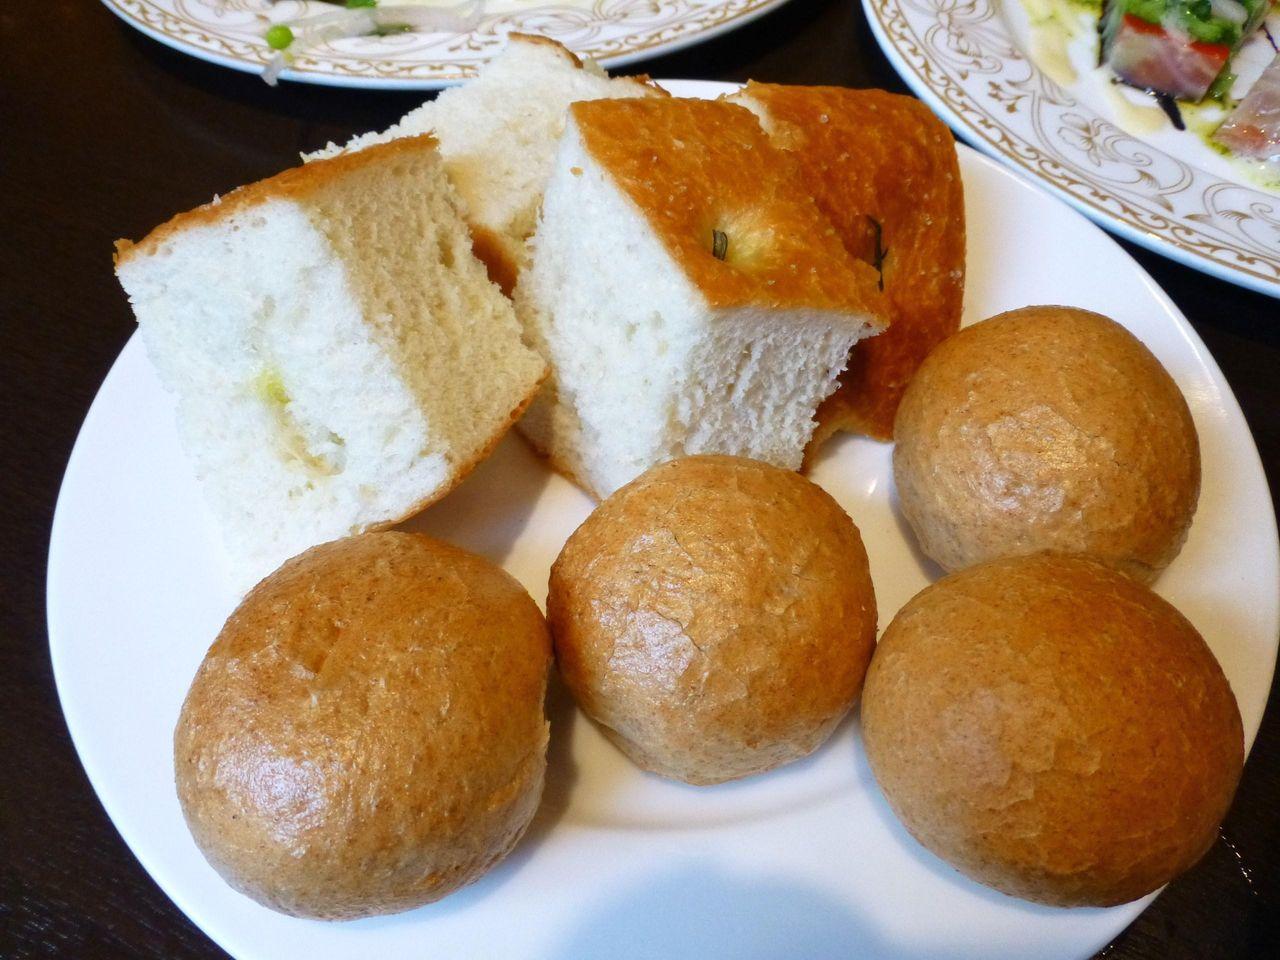 とても美味しい自家製パン2種類!